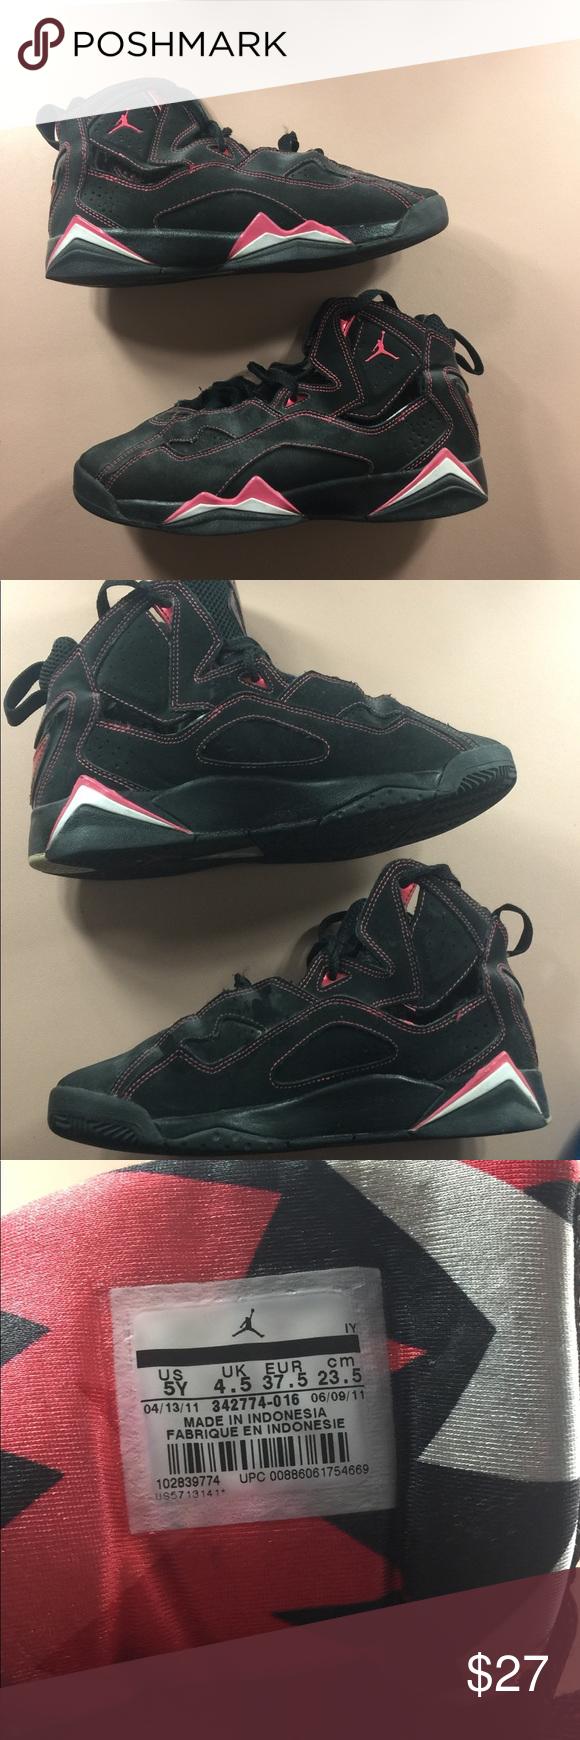 Pink/Black Jordans Pink/Black Jordans!! For Girls, Preloved Jordan Shoes